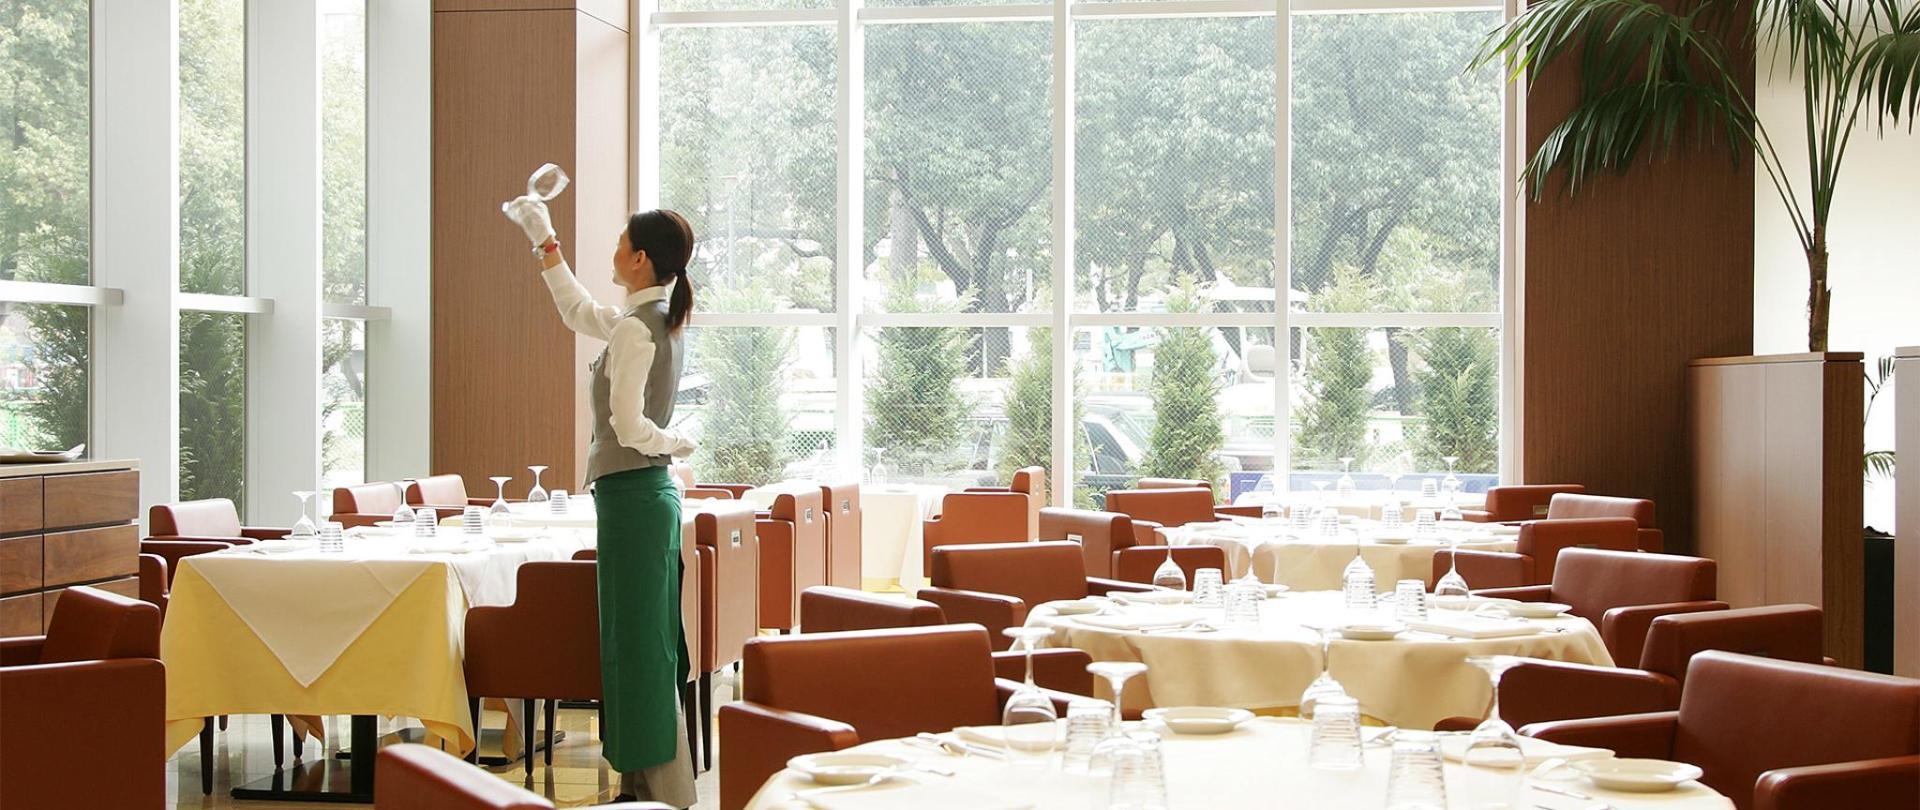 โรงแรมโอเรียนเต็ลฮิโรชิมา